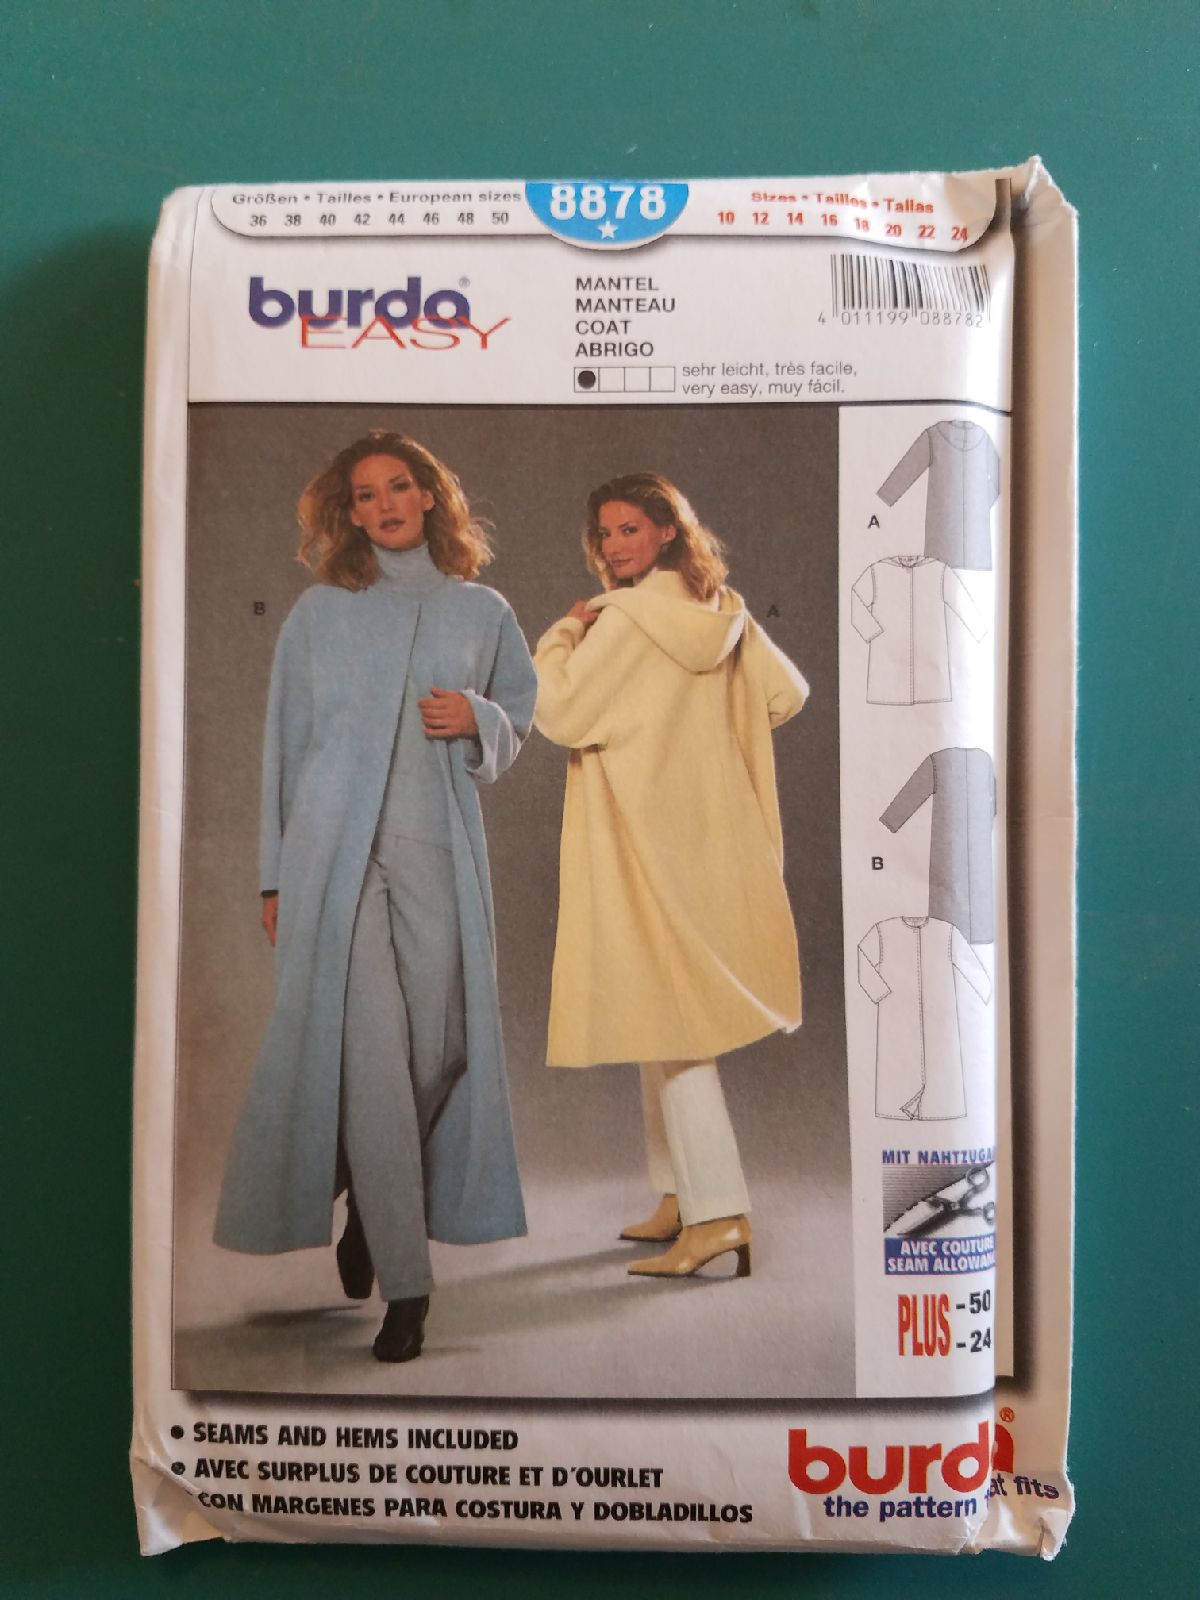 Burda easy 8878 sewing pattern